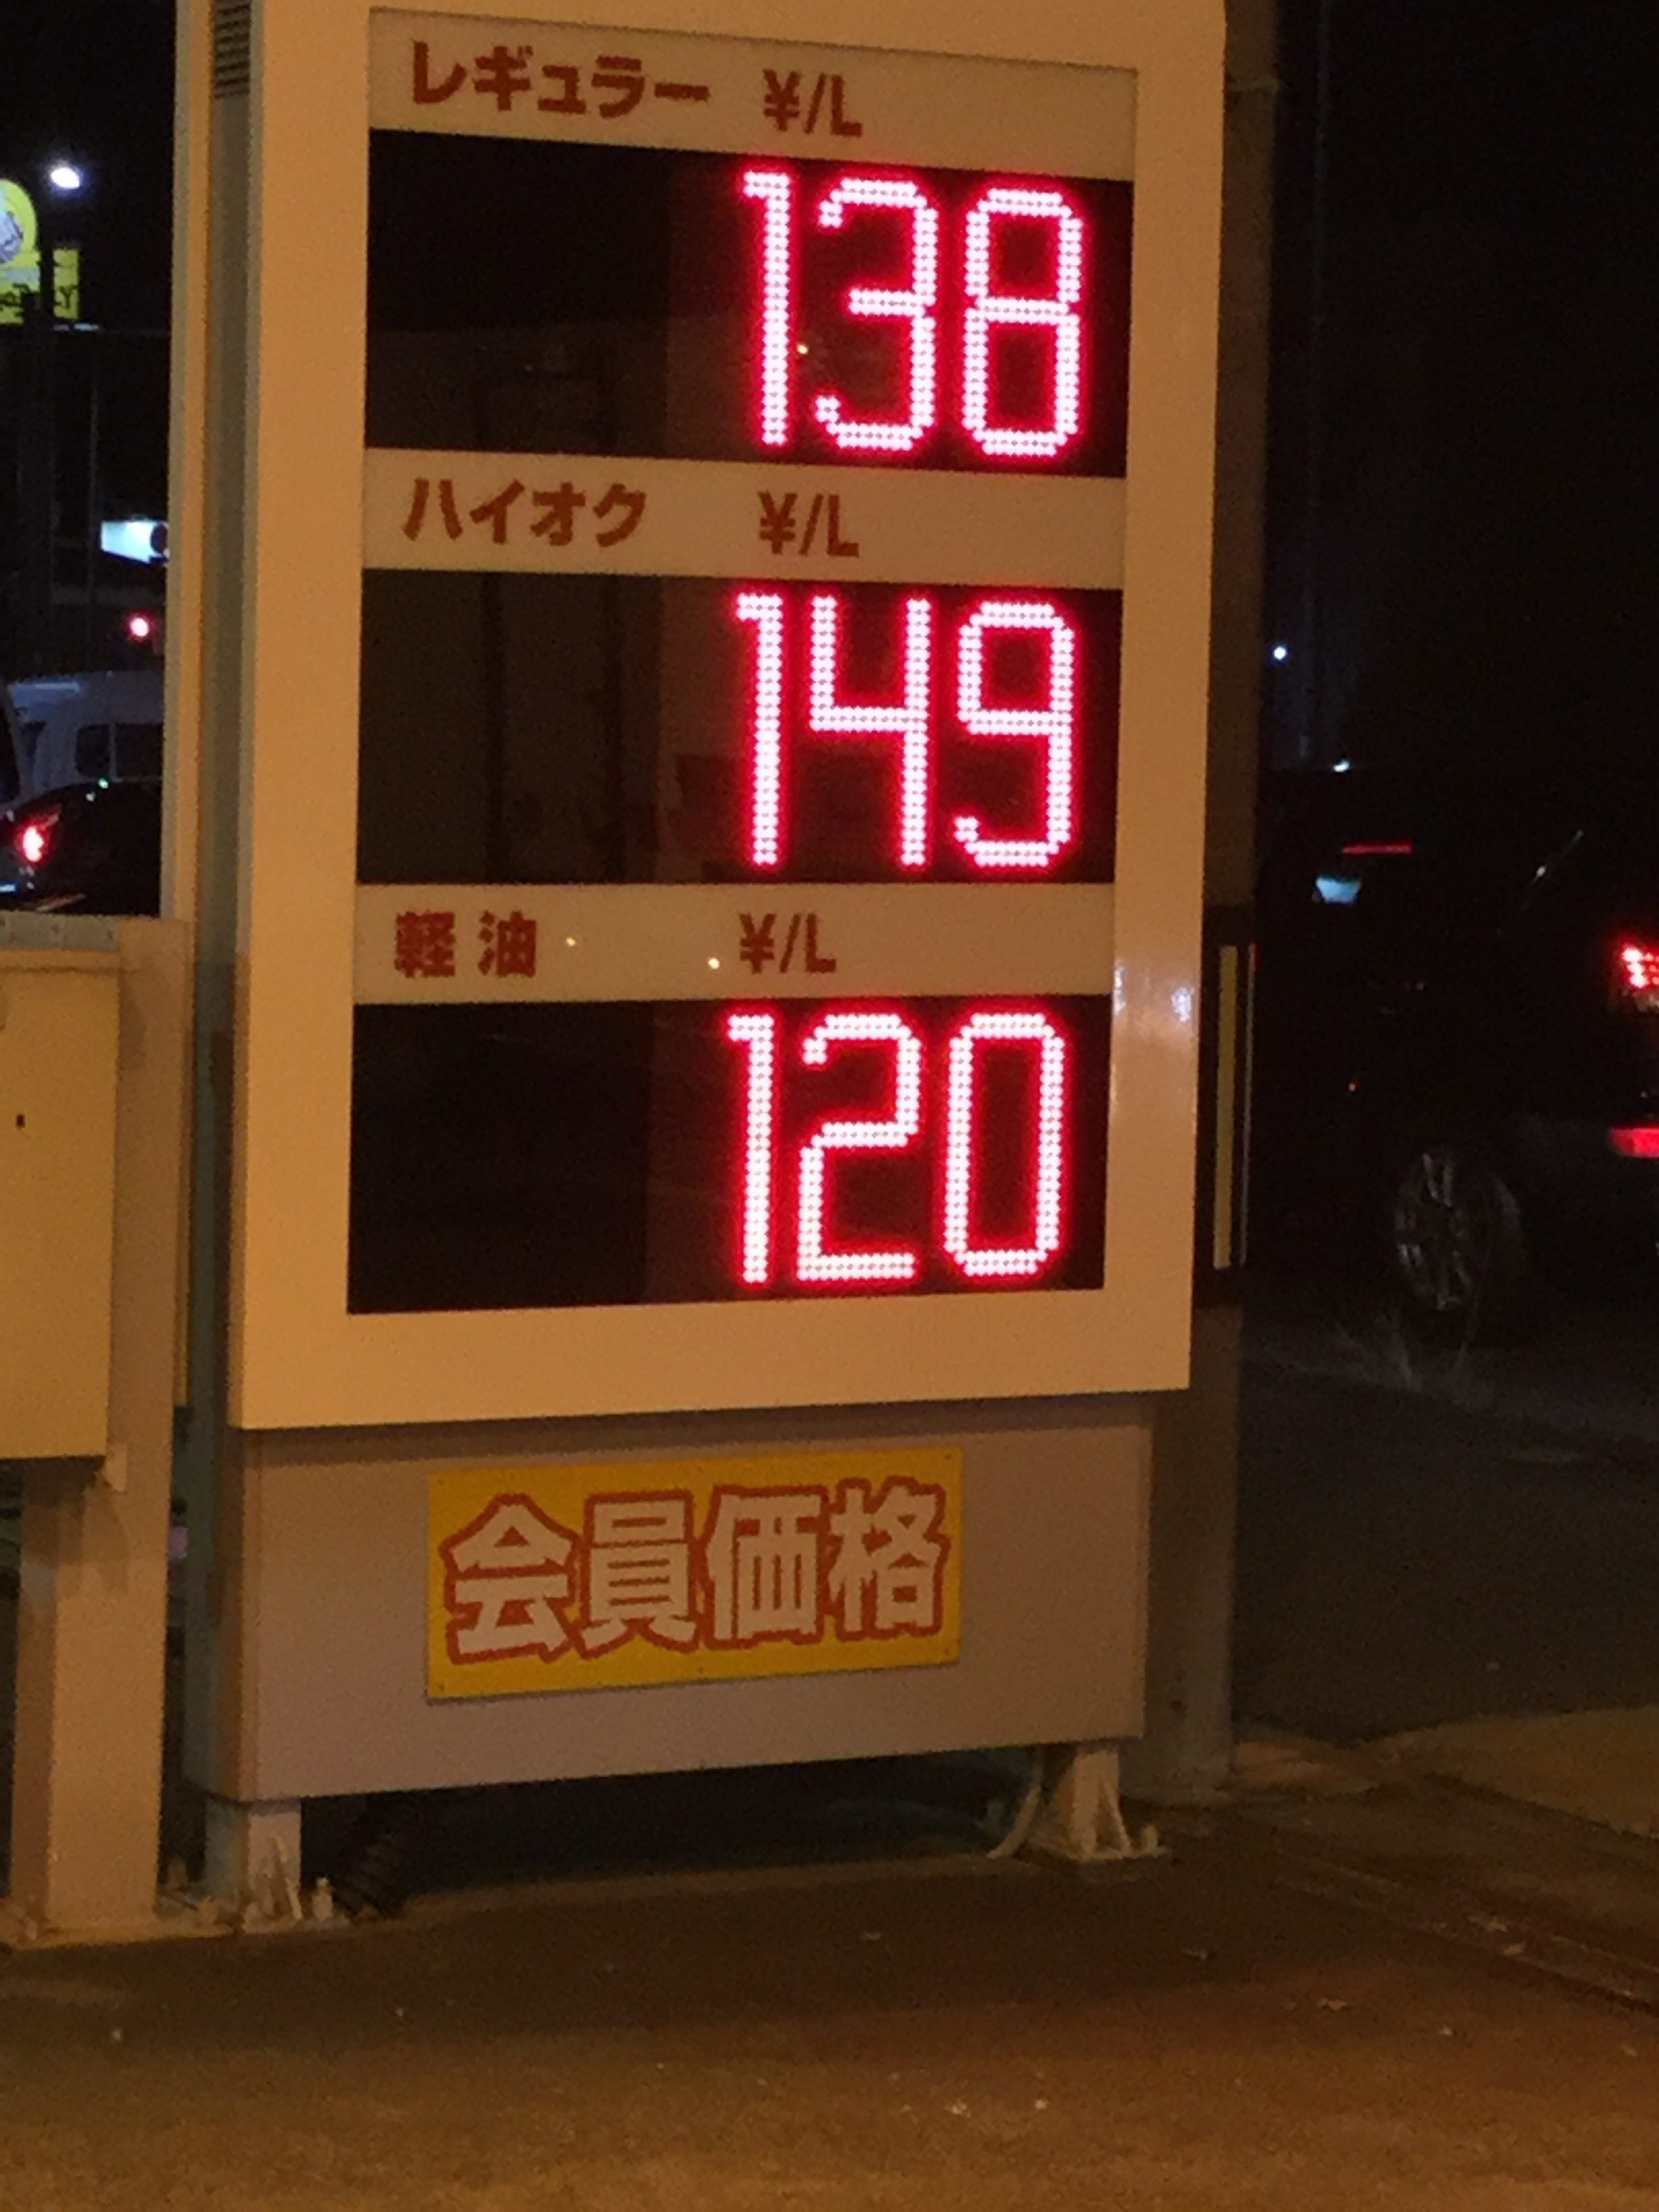 値段 ハイオク 【2021年最新版】ガソリン価格の推移と予測・予想をしてみた!内訳はどうなっている?